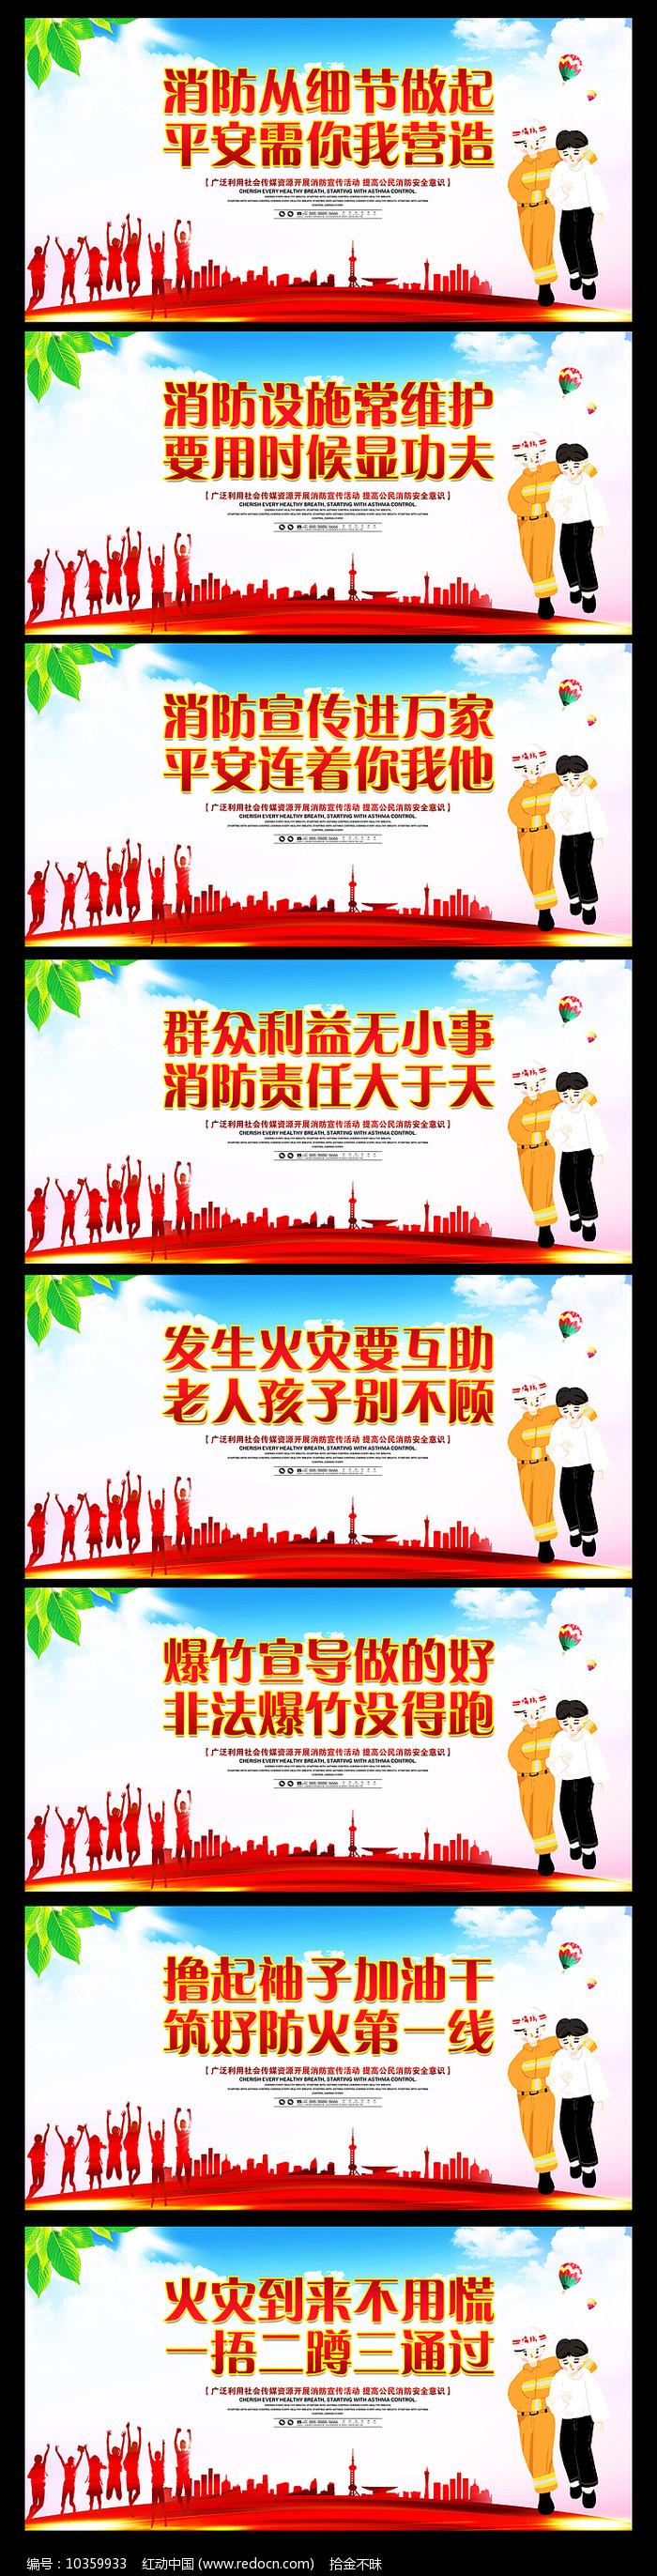 消防标语宣传展板设计图片